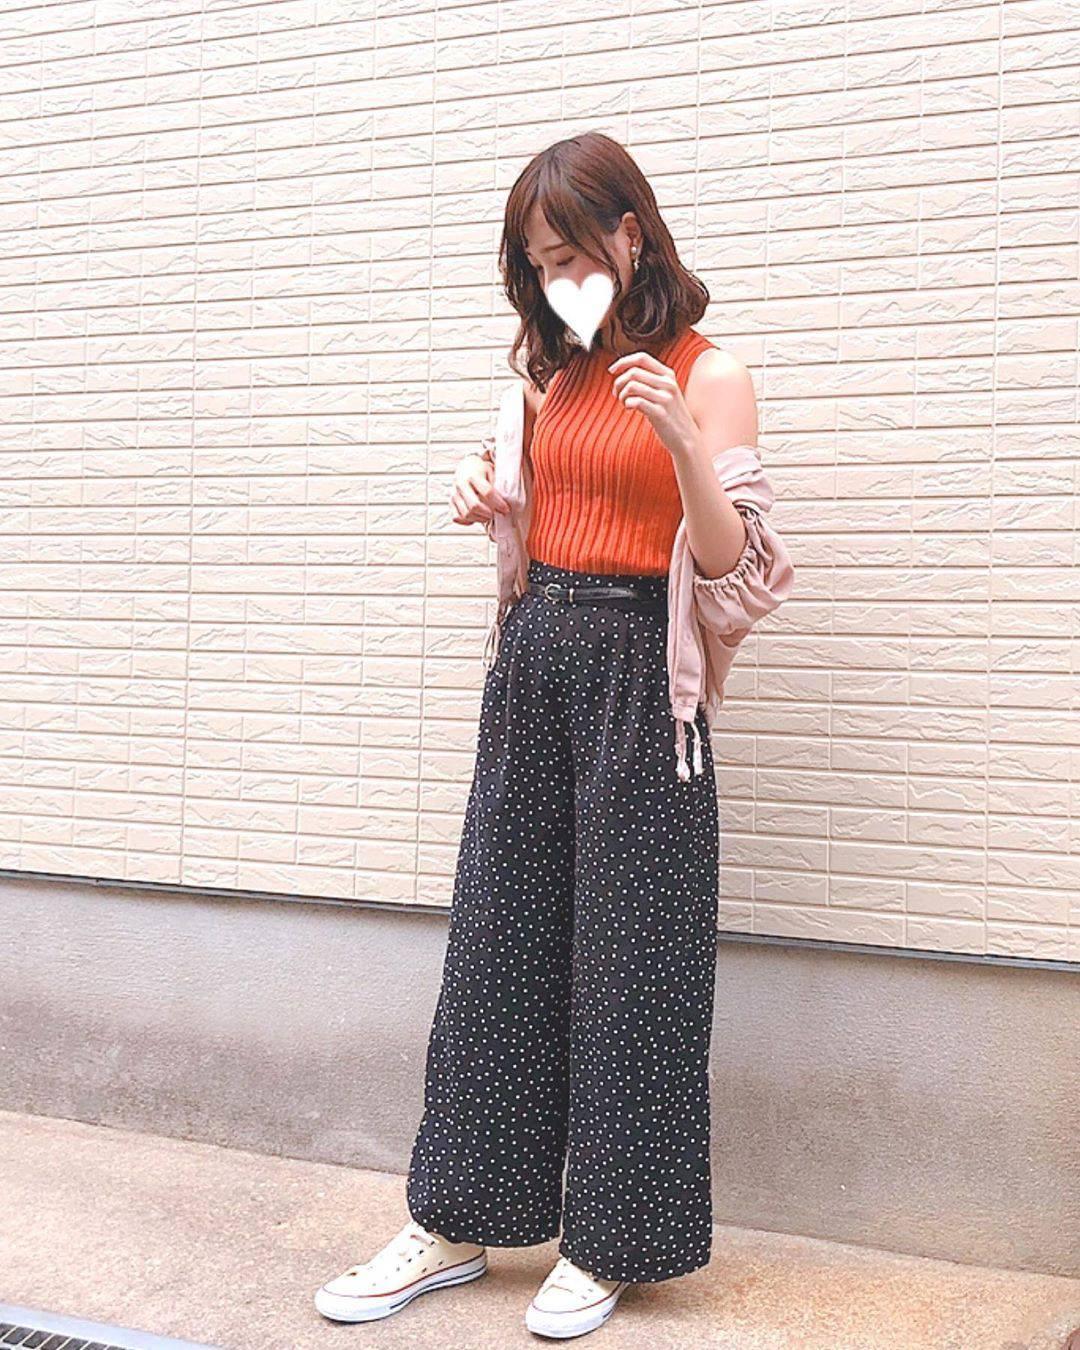 最高気温29度・最低気温21度 flower_22227の服装